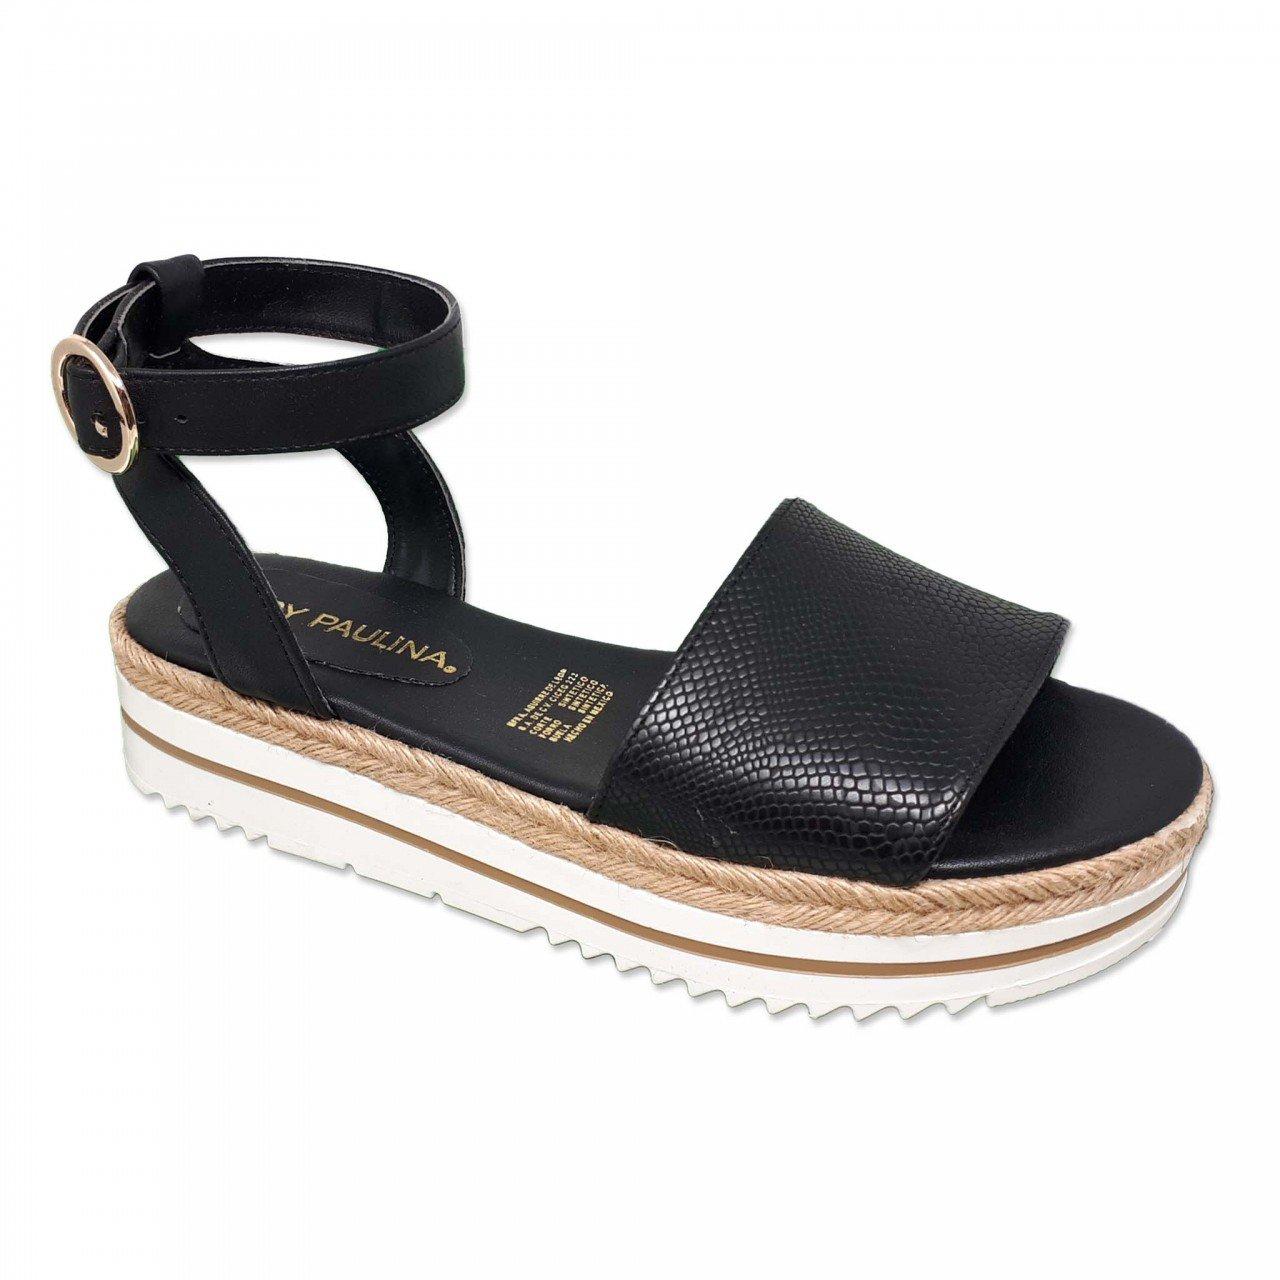 Sandalia negra para mujer 98011